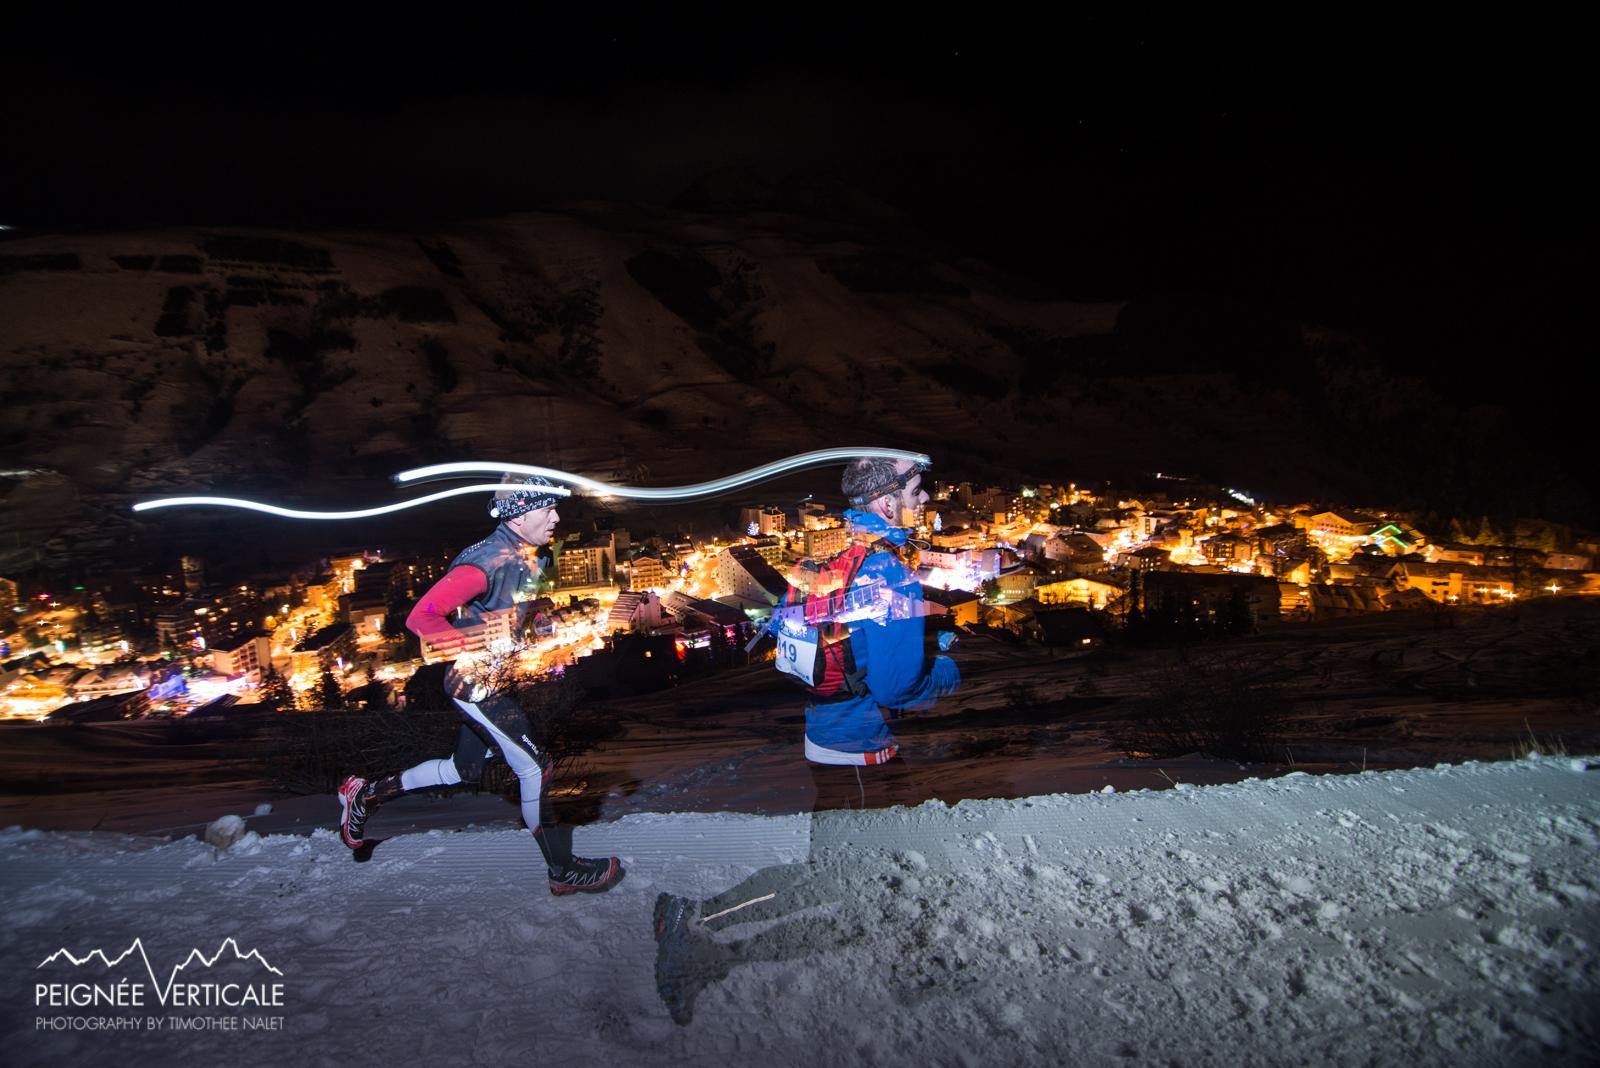 Timothée-Nalet-Le Dauphiné-Snow Trail Lafuma-6074.jpg